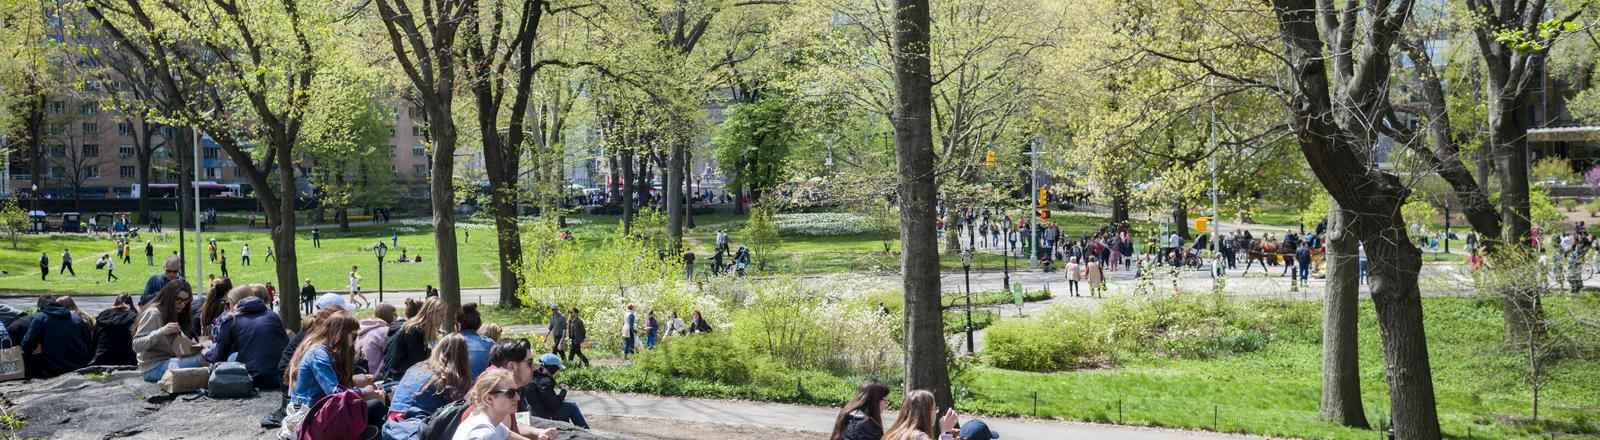 Menschen sitzen in einem Park.